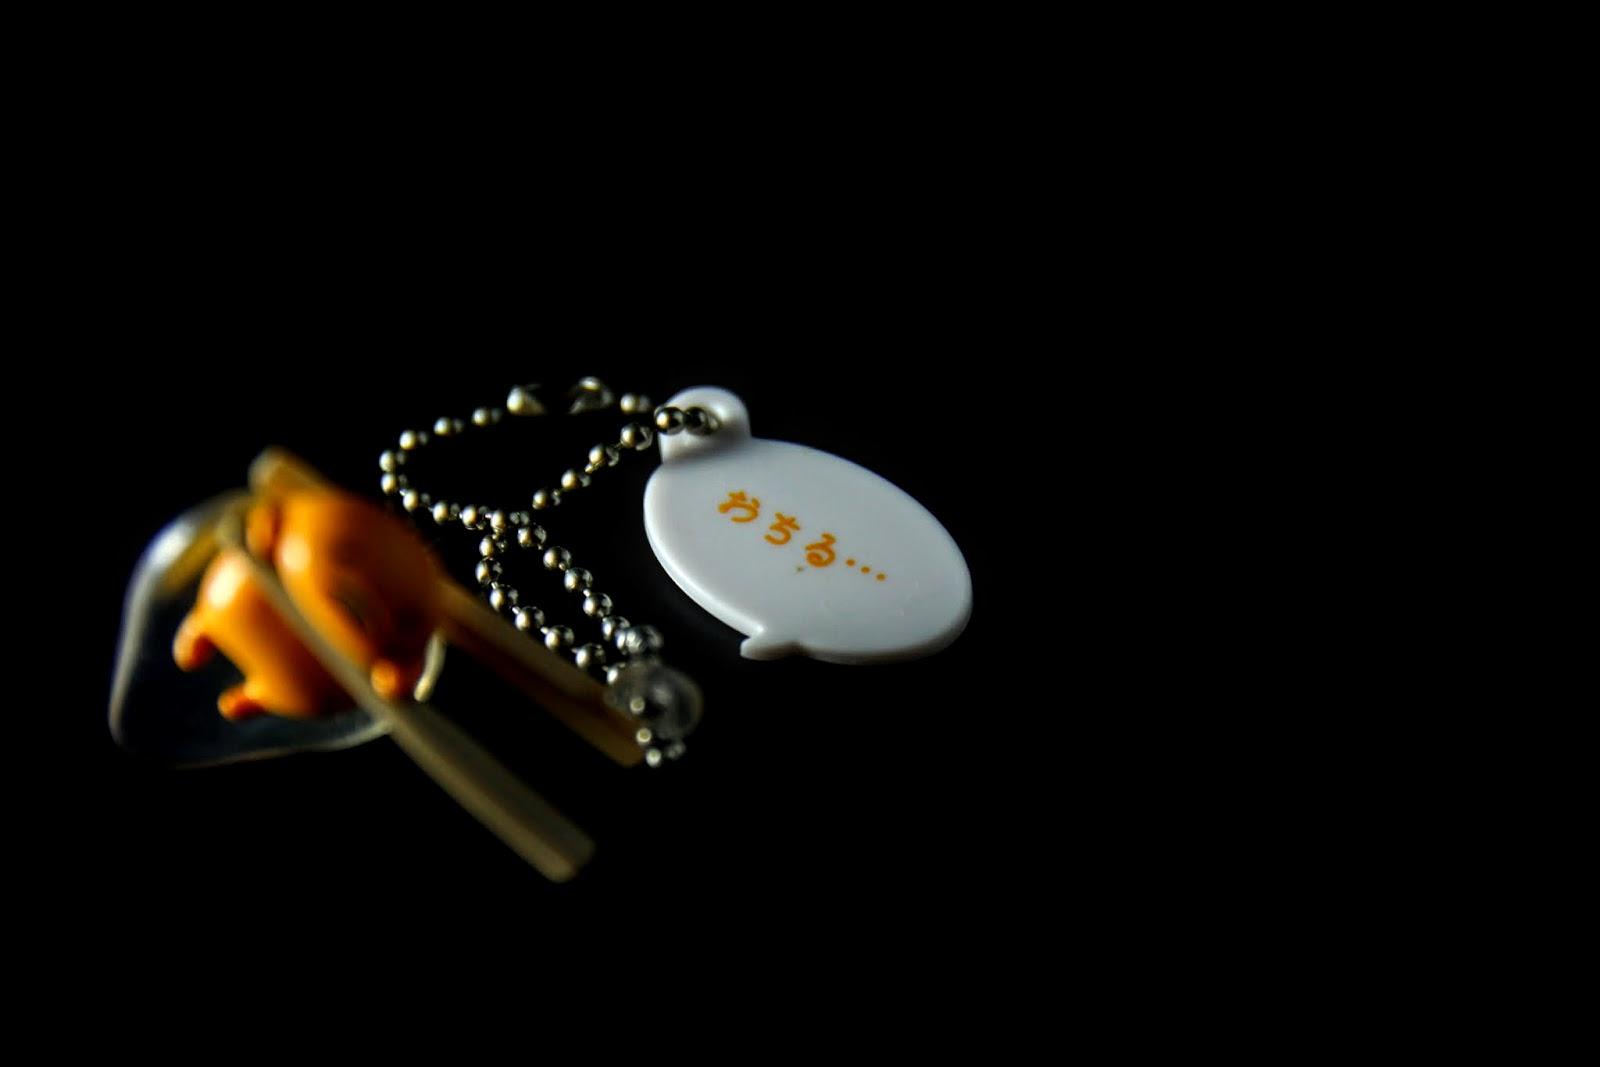 是說能這樣用筷子夾起生蛋這有點強